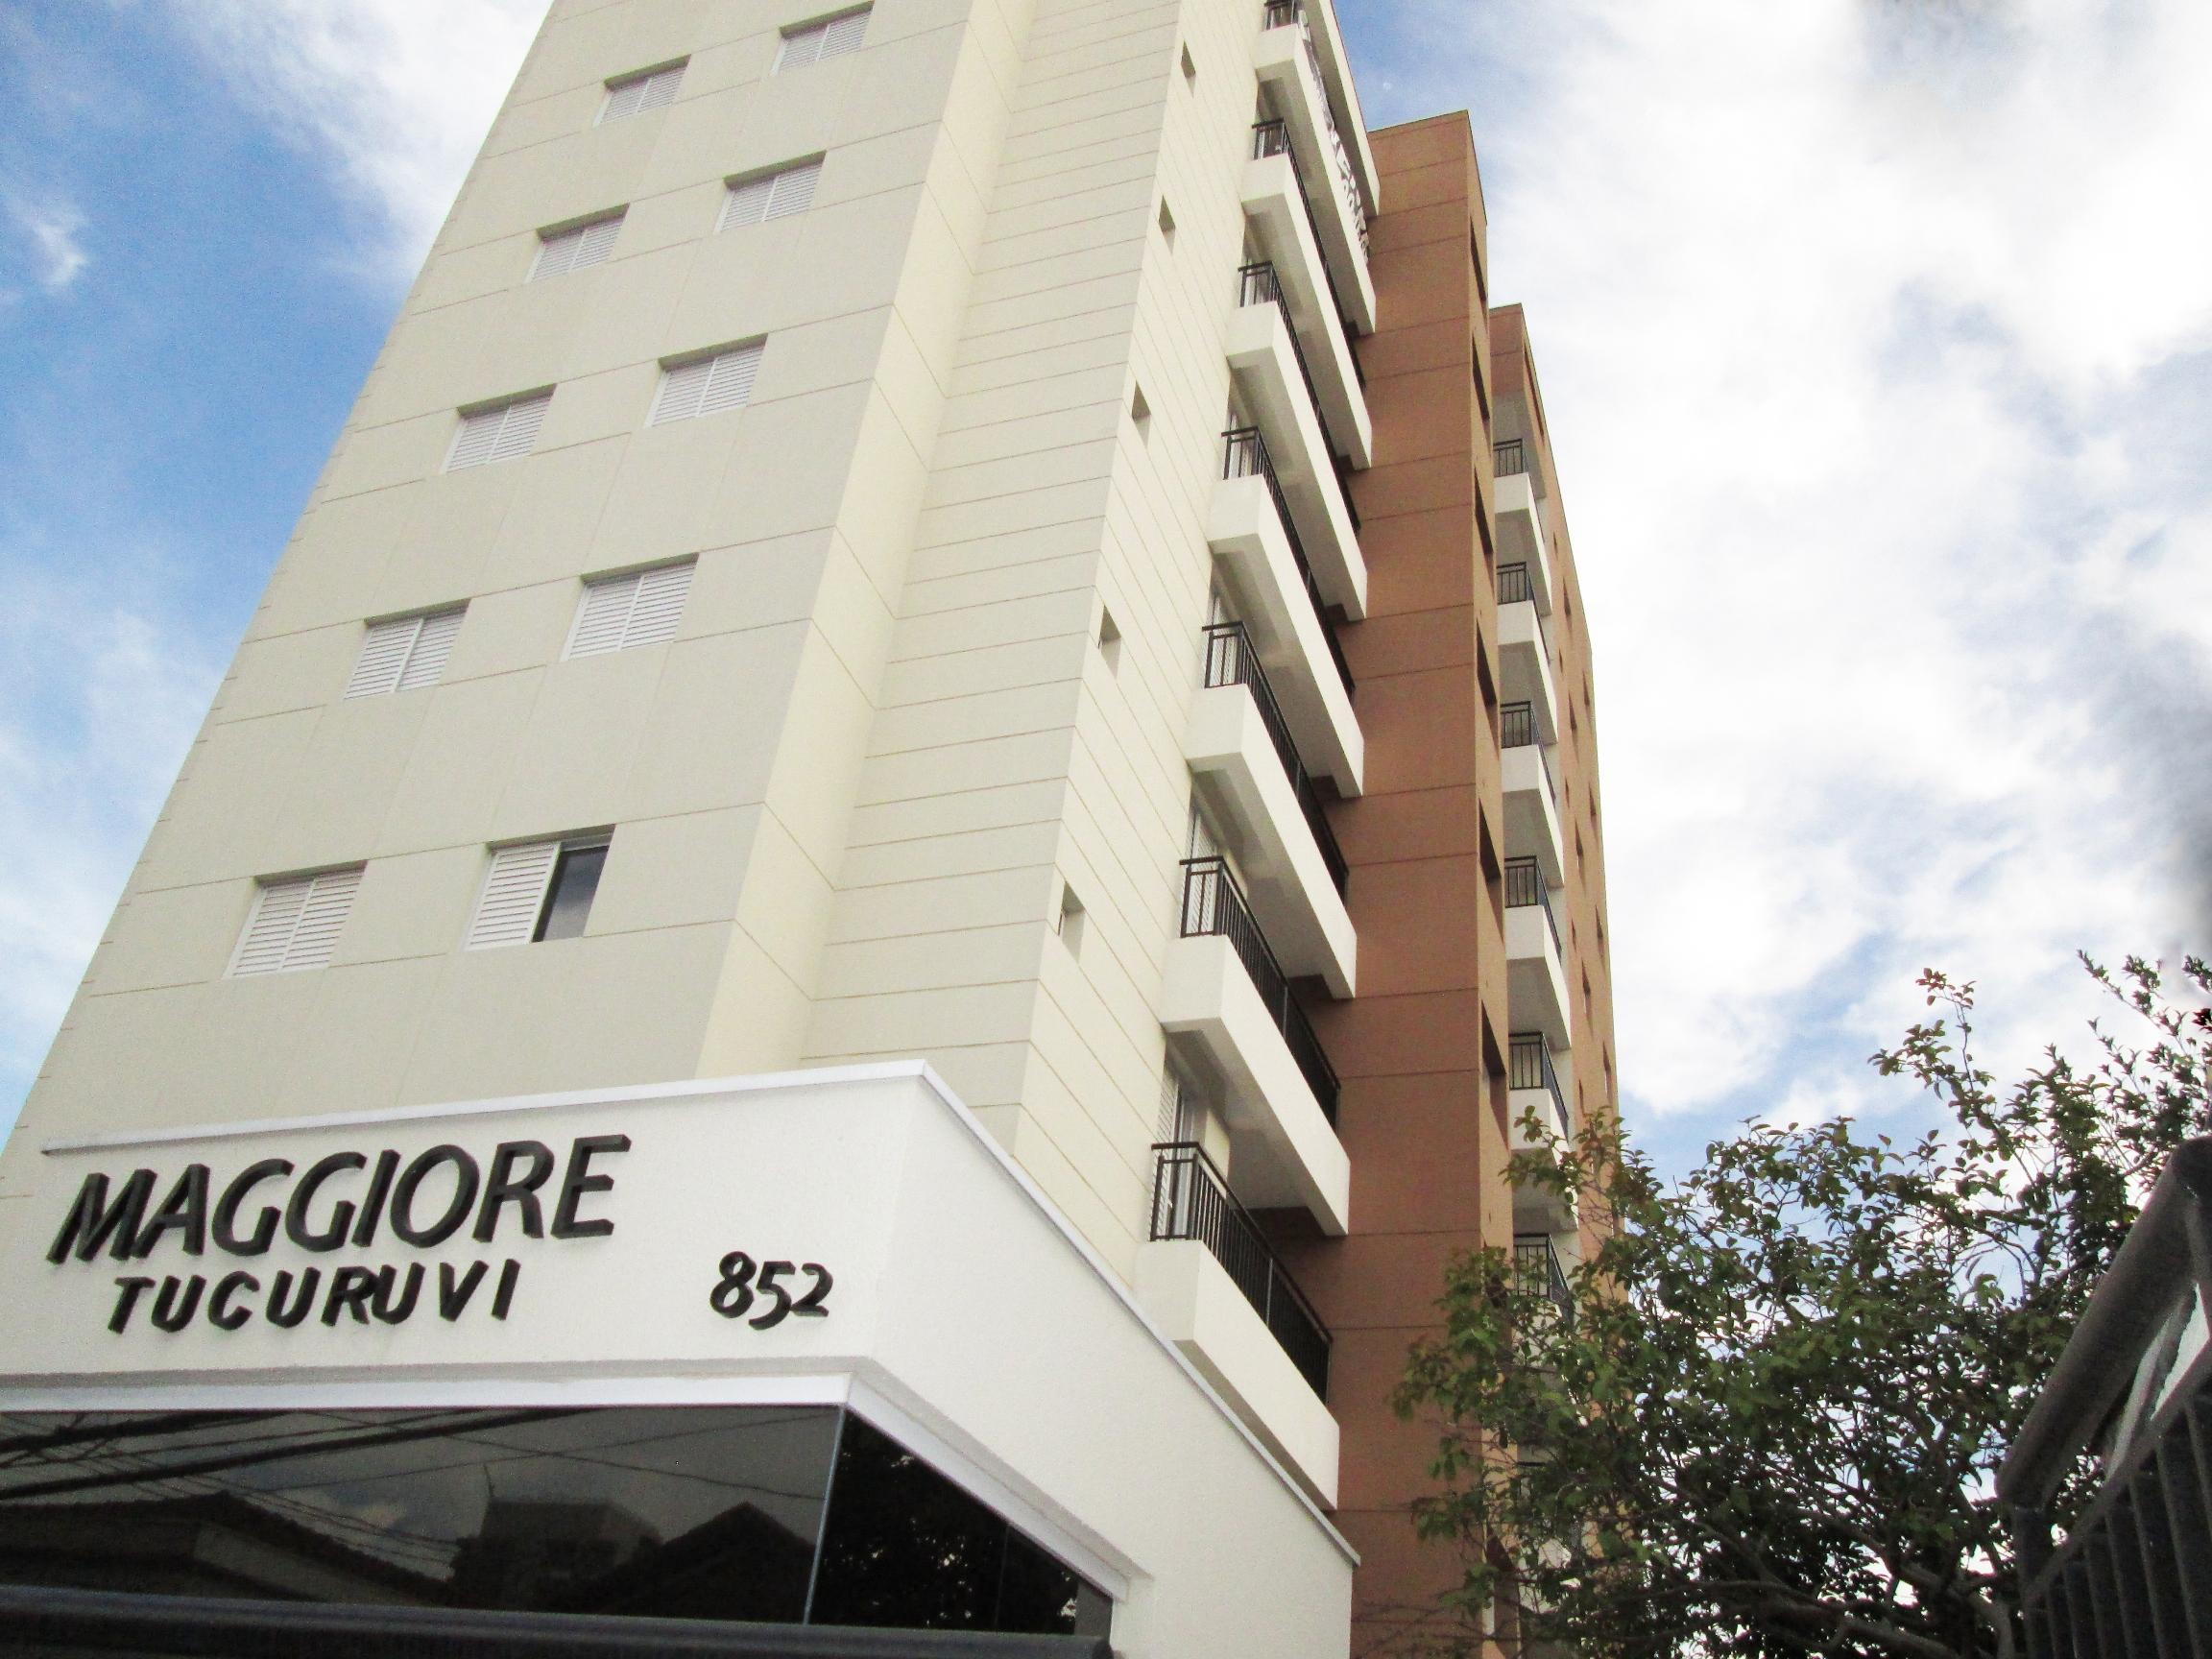 436eb51876ae0 Lançamento - Maggiore Tucuruvi no Bairro Vila Gustavo